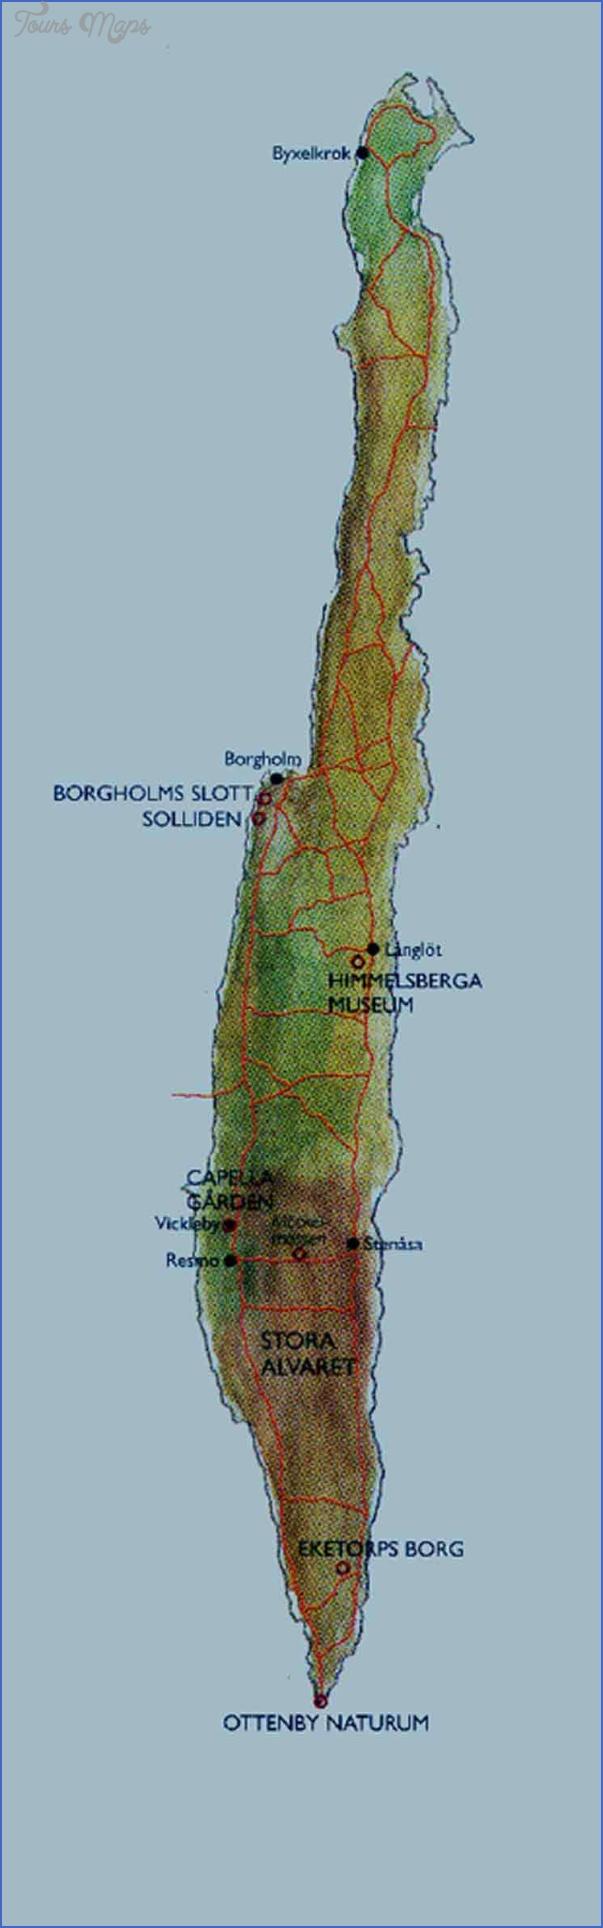 oland sweden map 3 Oland Sweden Map